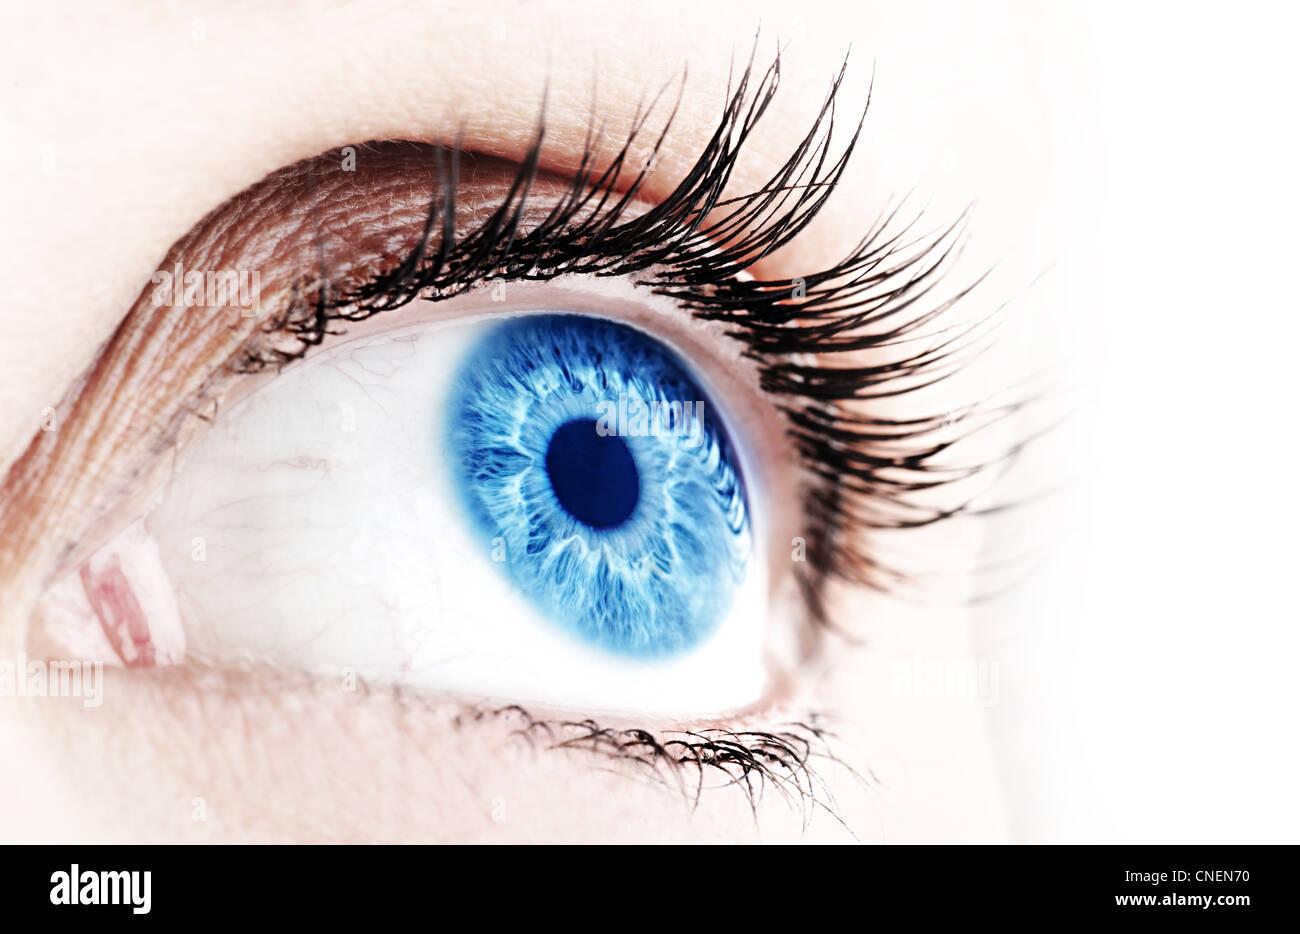 Schöne abstrakte blaues Auge, extreme Nahaufnahme Stockbild